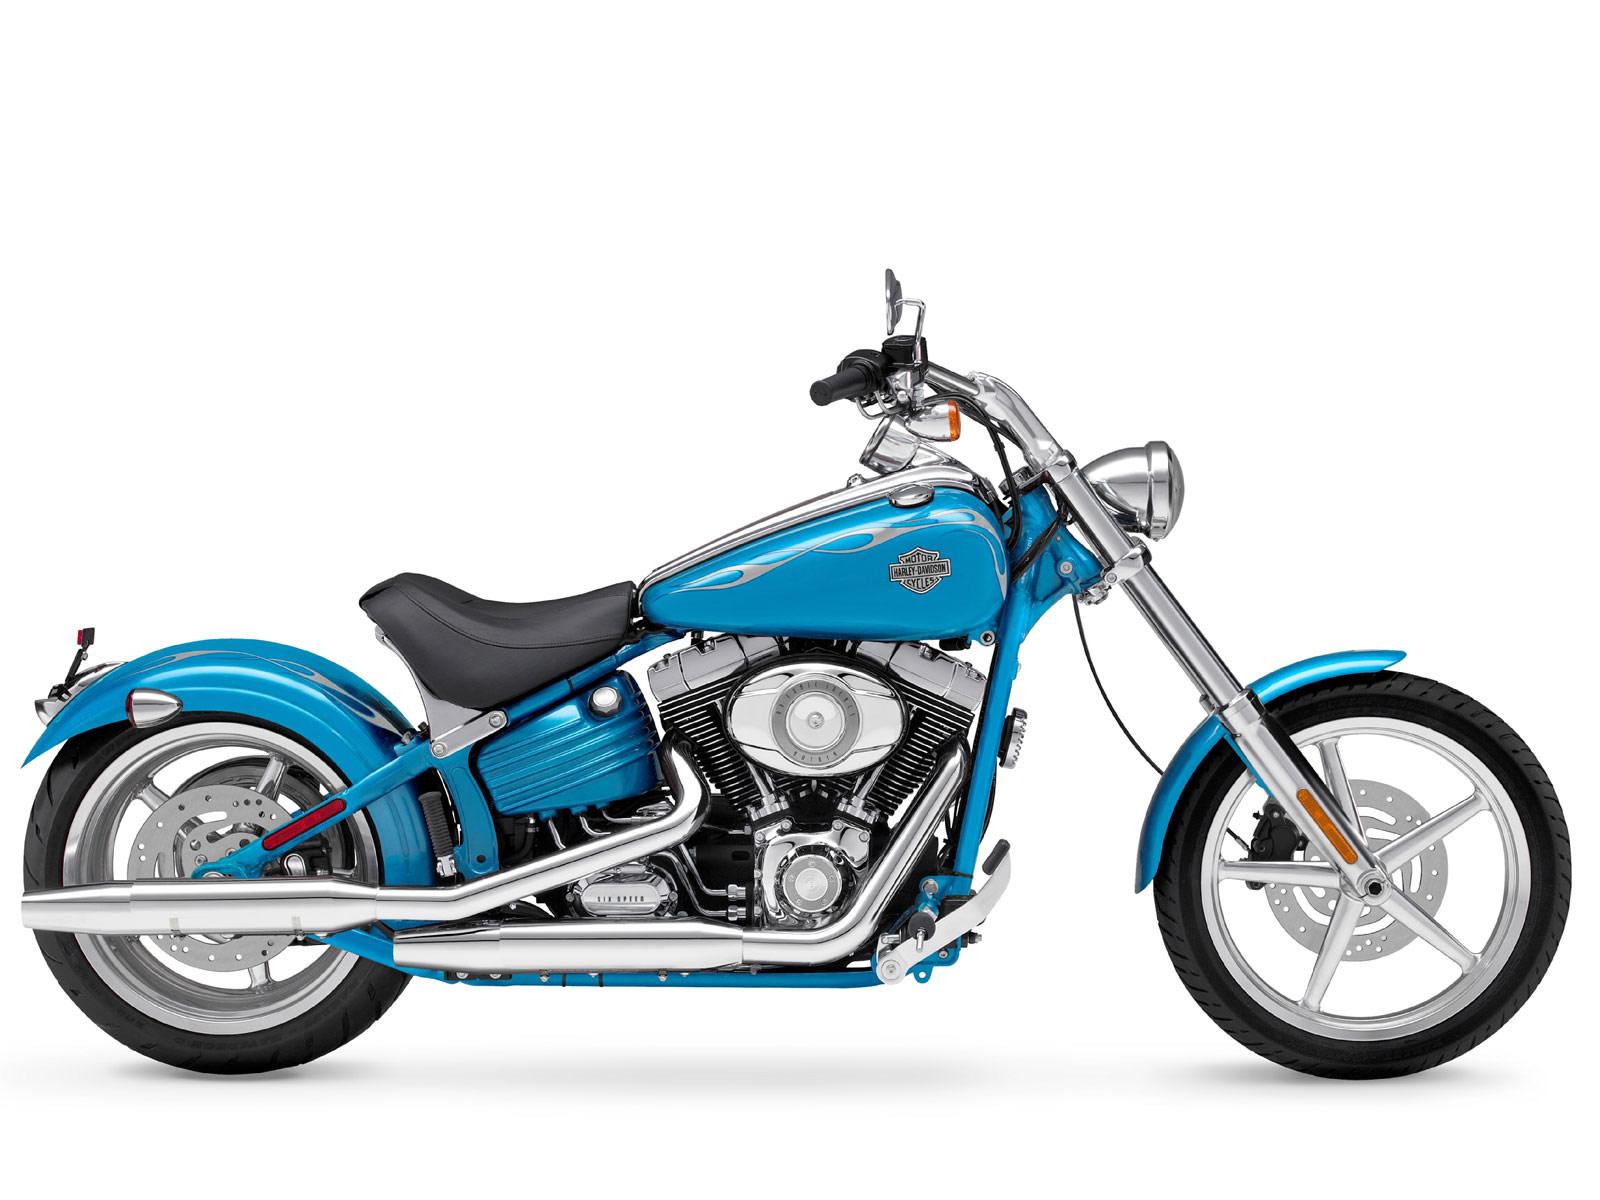 motorcycle big bike harley davidson fxcwc rocker c 2011. Black Bedroom Furniture Sets. Home Design Ideas